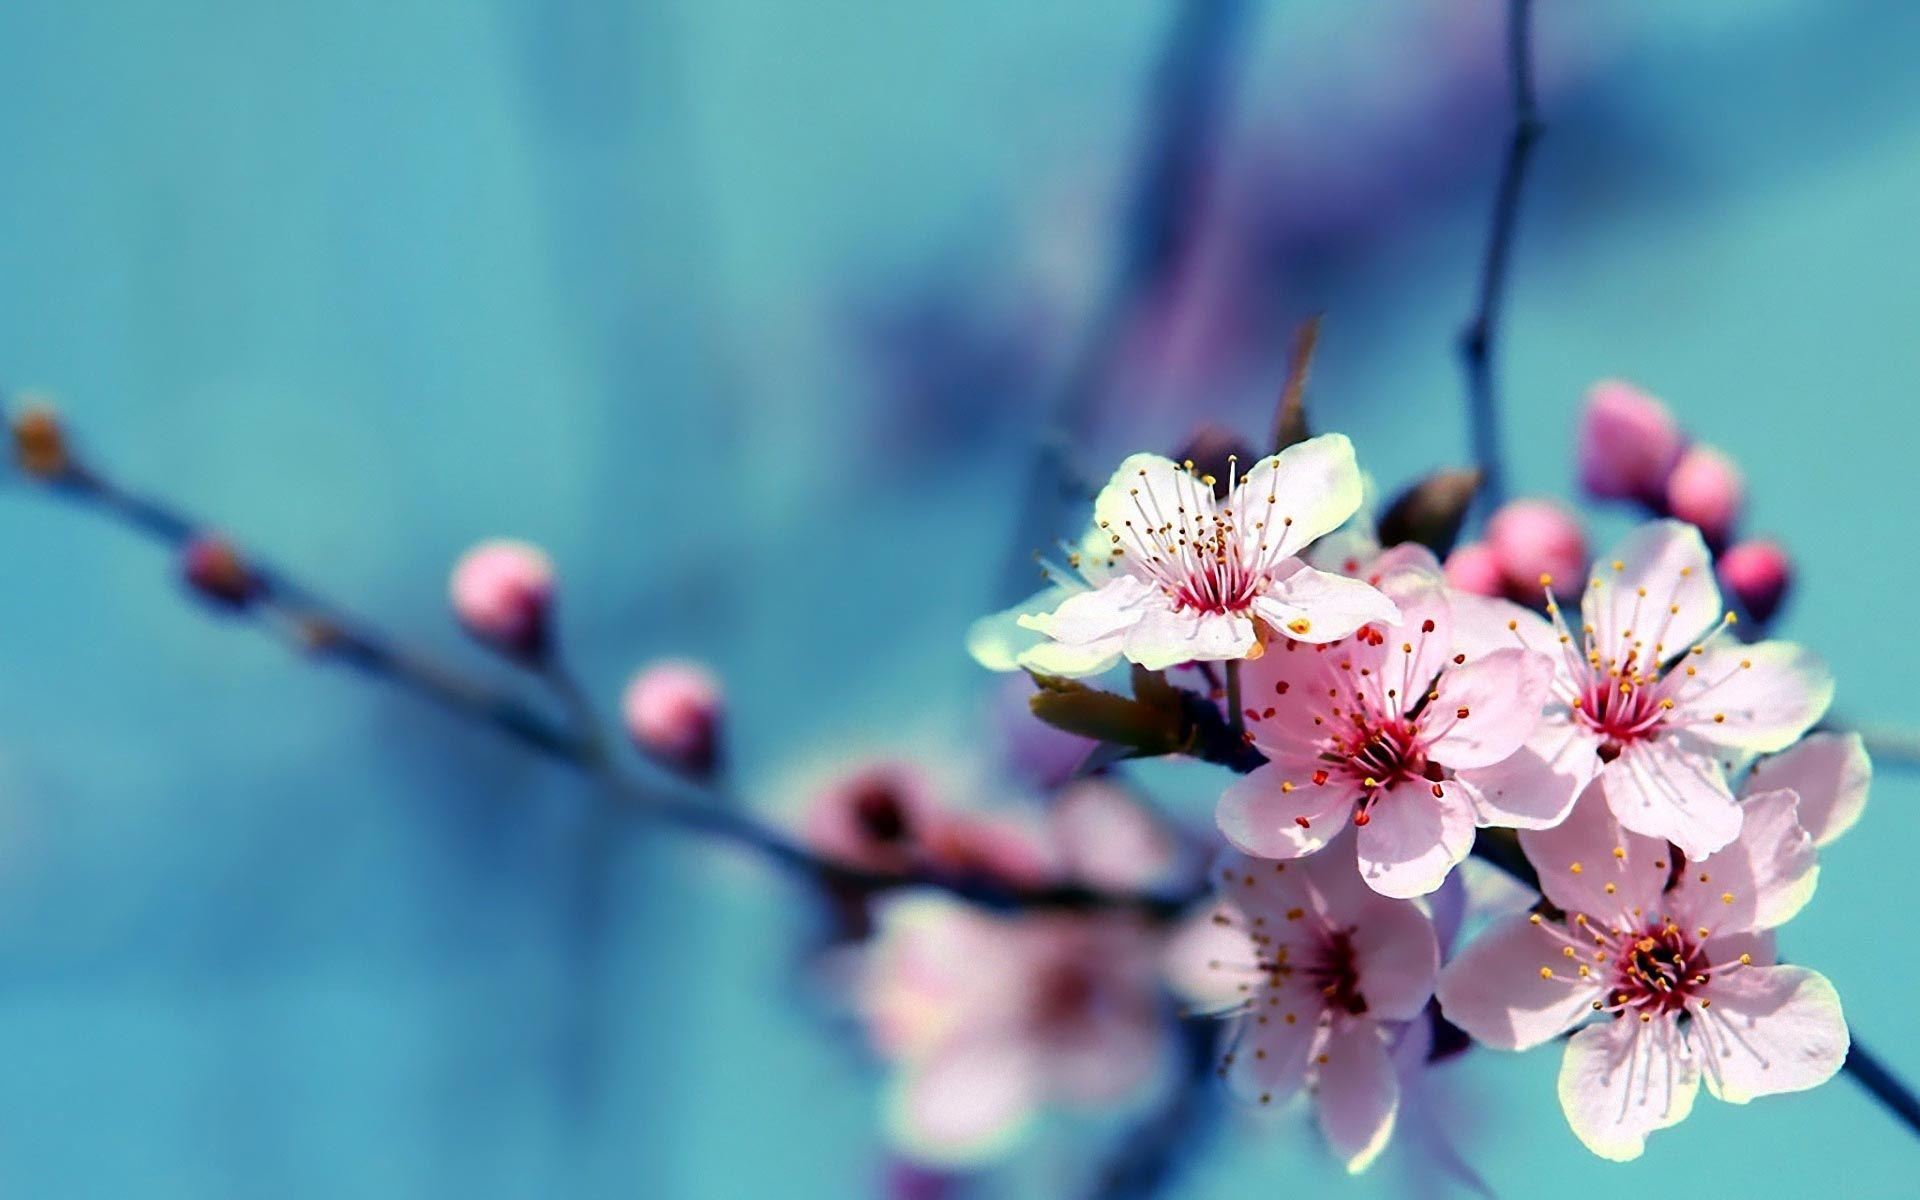 Flowers Wallpaper HD 1080P WallpaperSafari